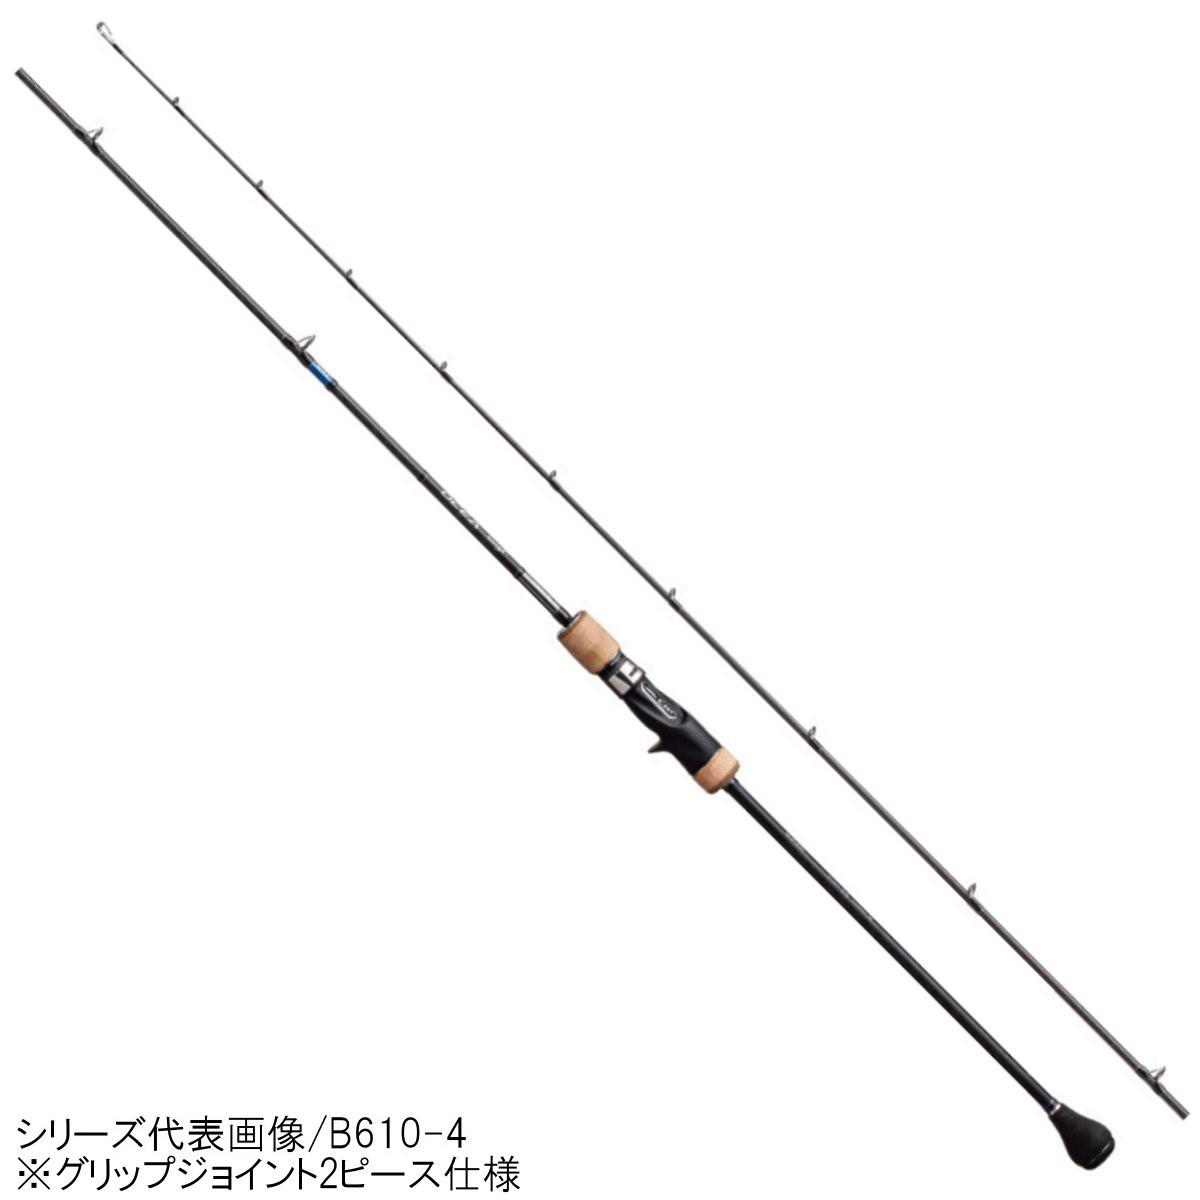 シマノ オシアジガー ∞(インフィニティ) モーティブ B610-5【大型商品】【送料無料】